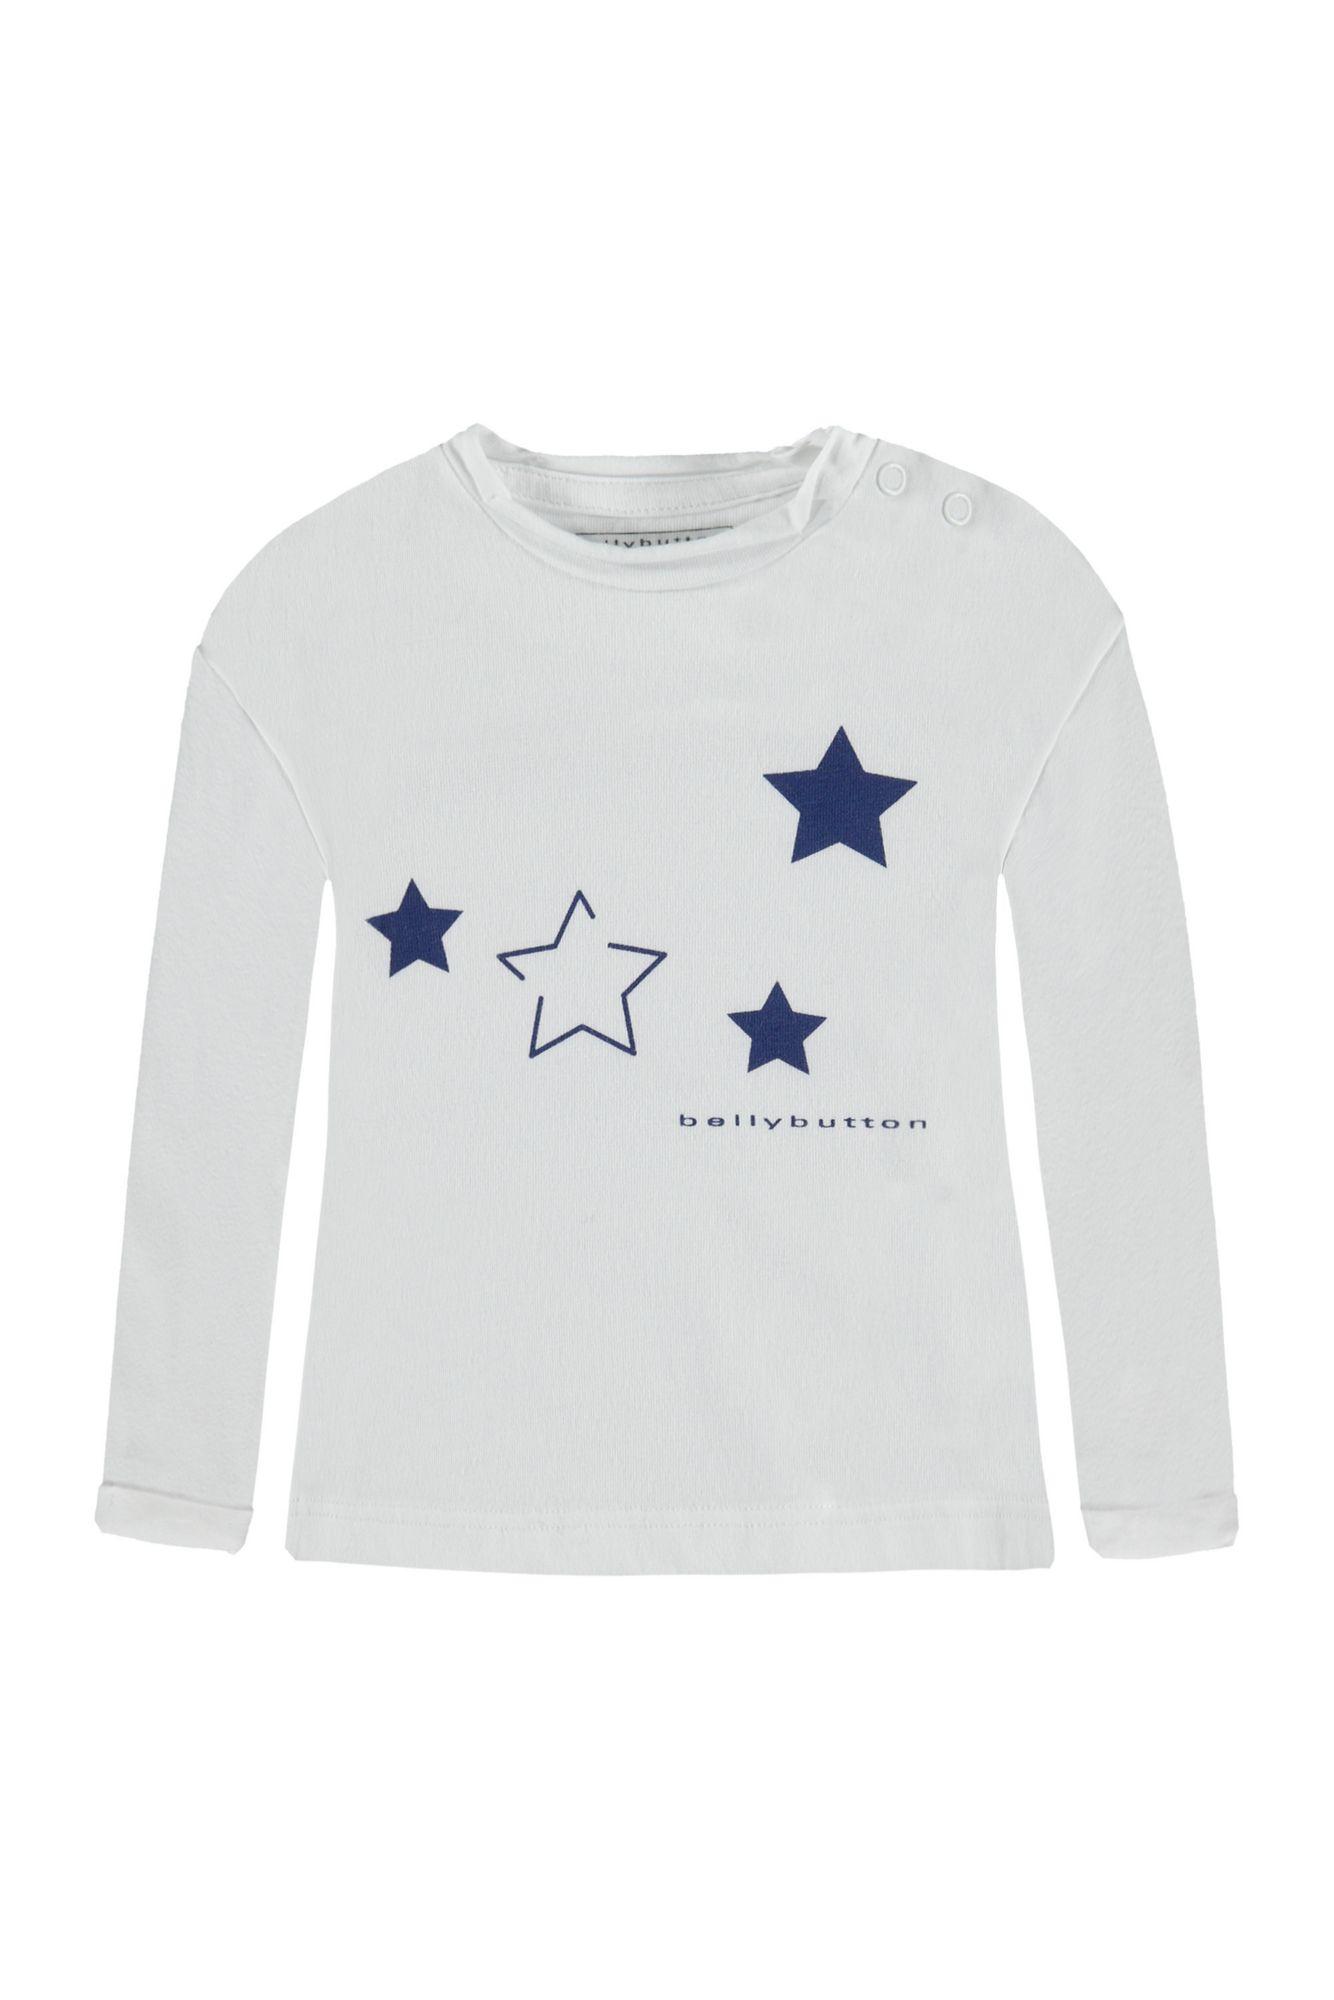 BELLYBUTTON  Baby Langarmshirt mit Sternchen Print